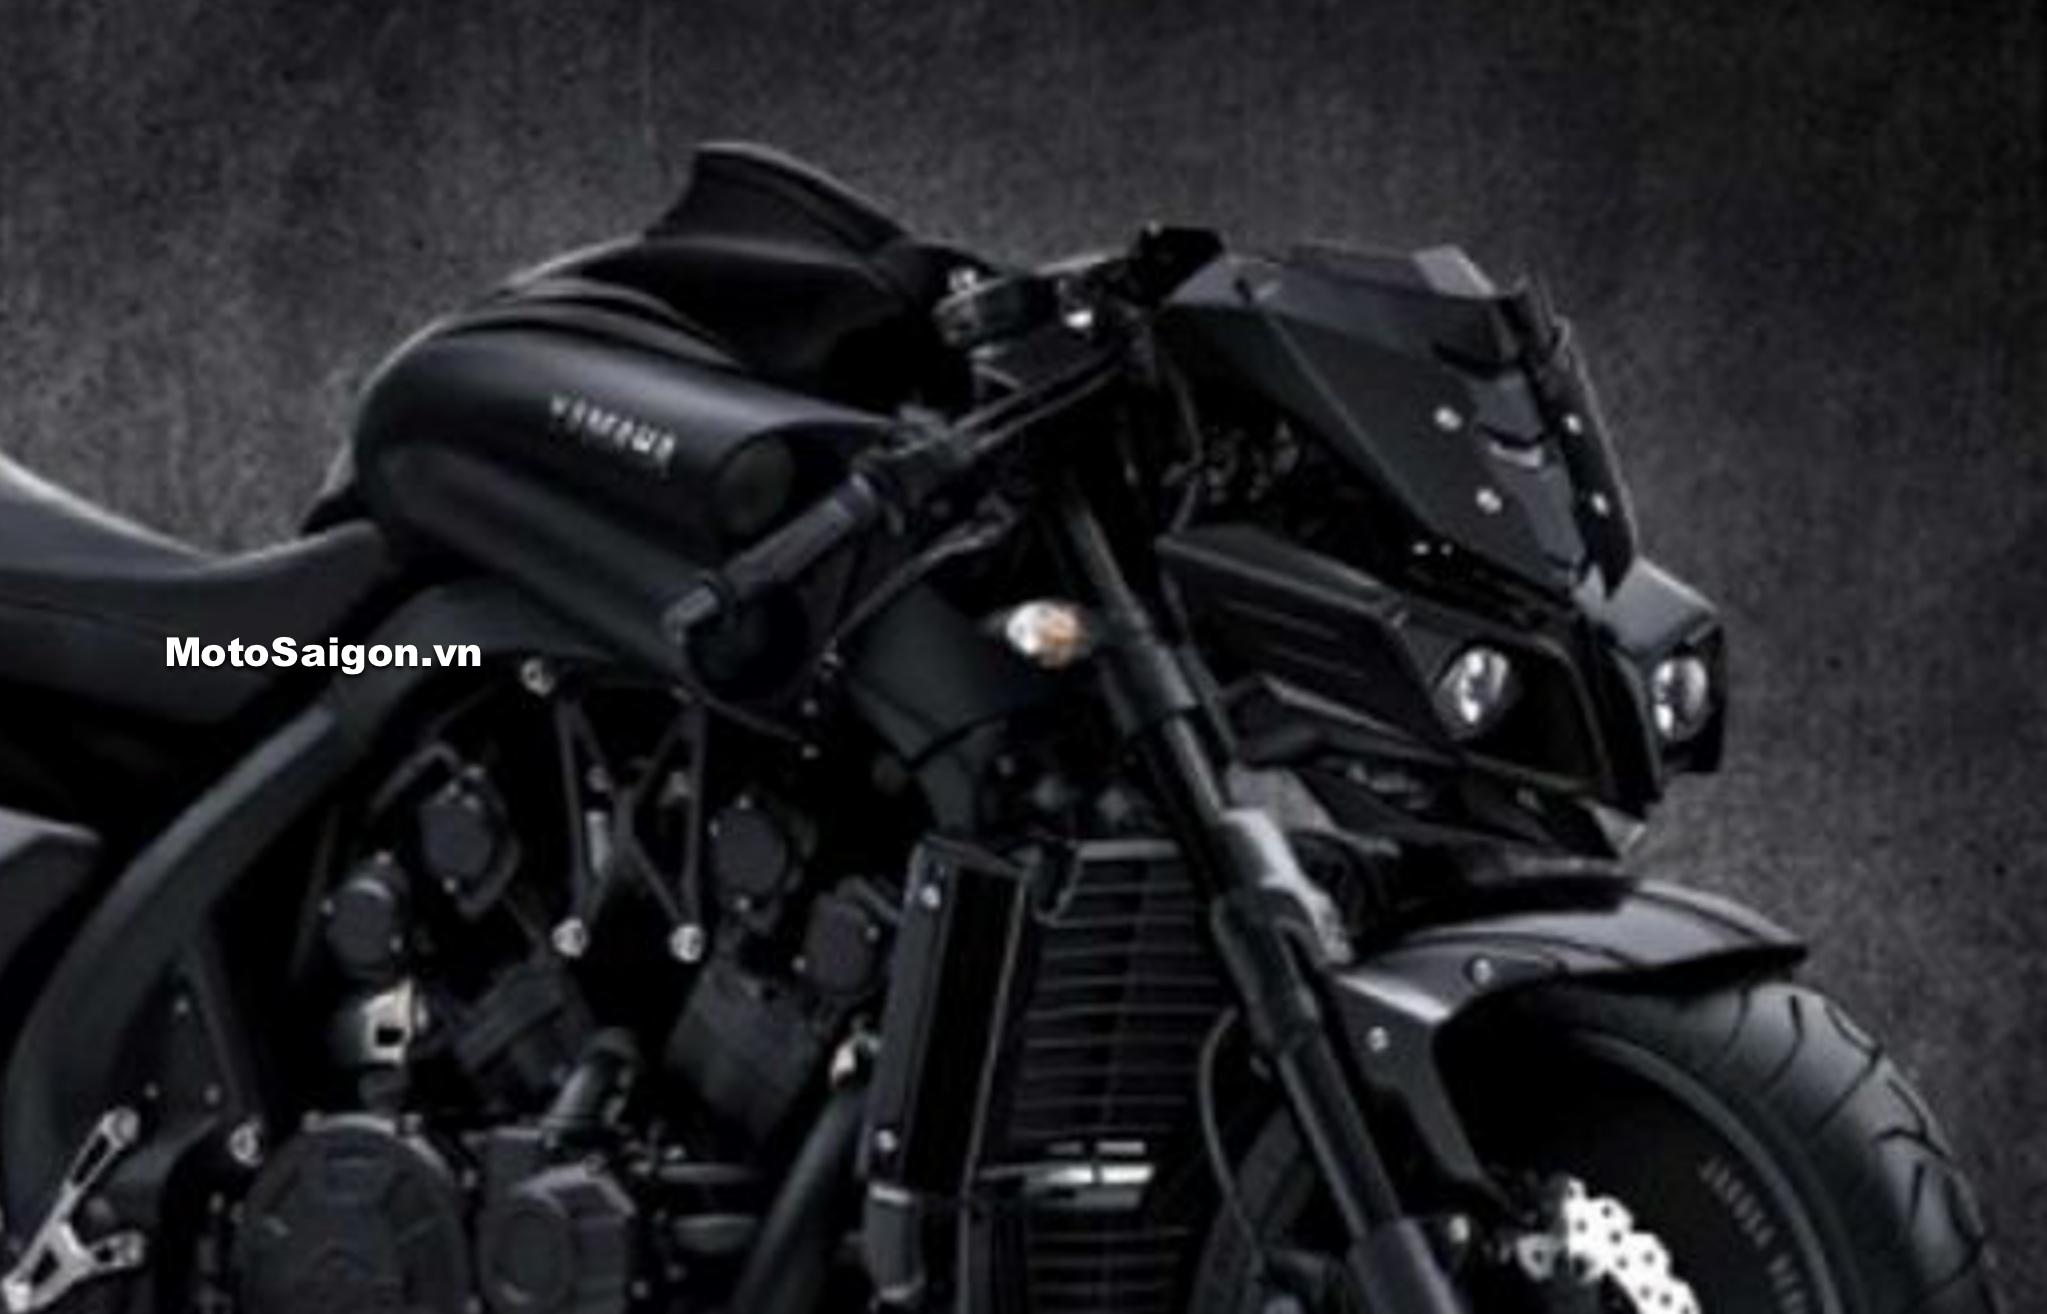 Yamaha VMAX 2020 lộ ảnh concept giống MT-10